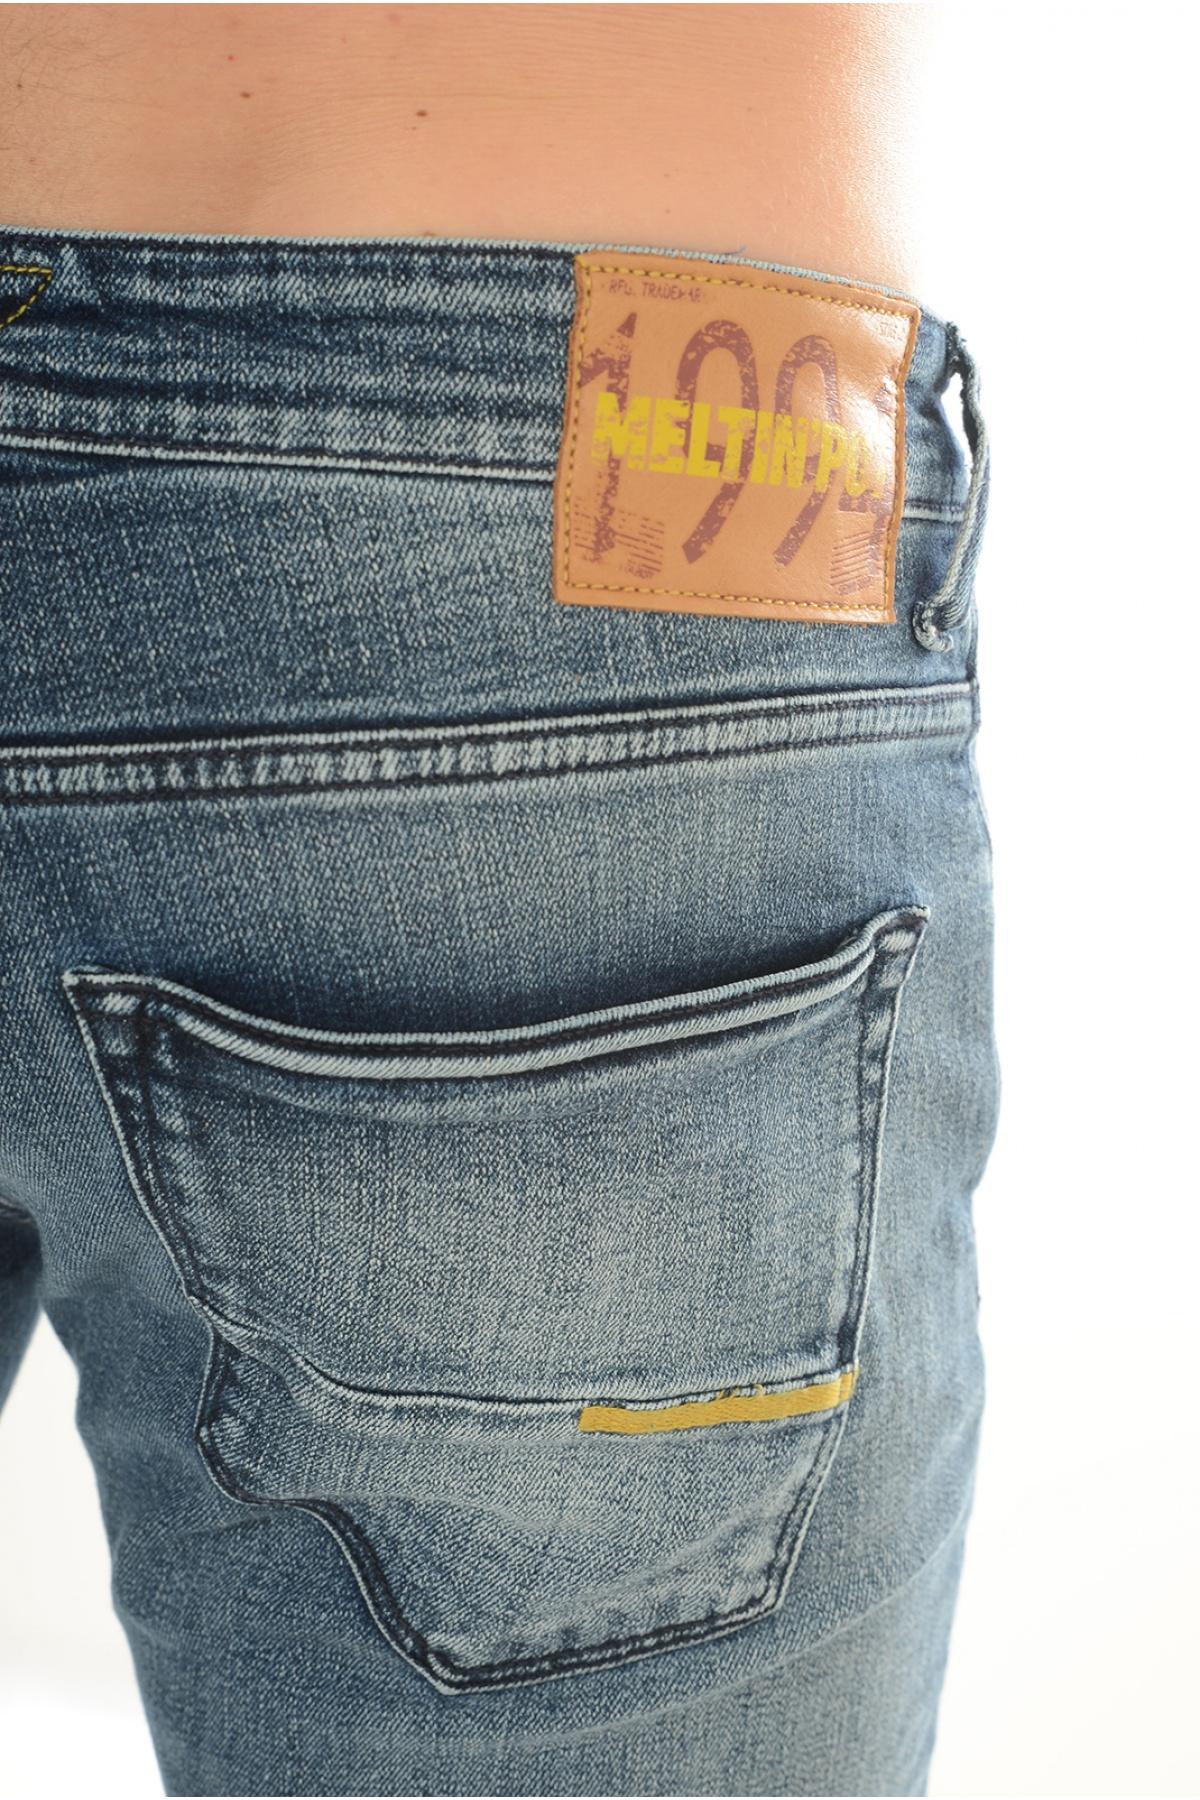 Jean-slim-skinny-MELTIN-039-POT-MARTIN-D1705-UK399